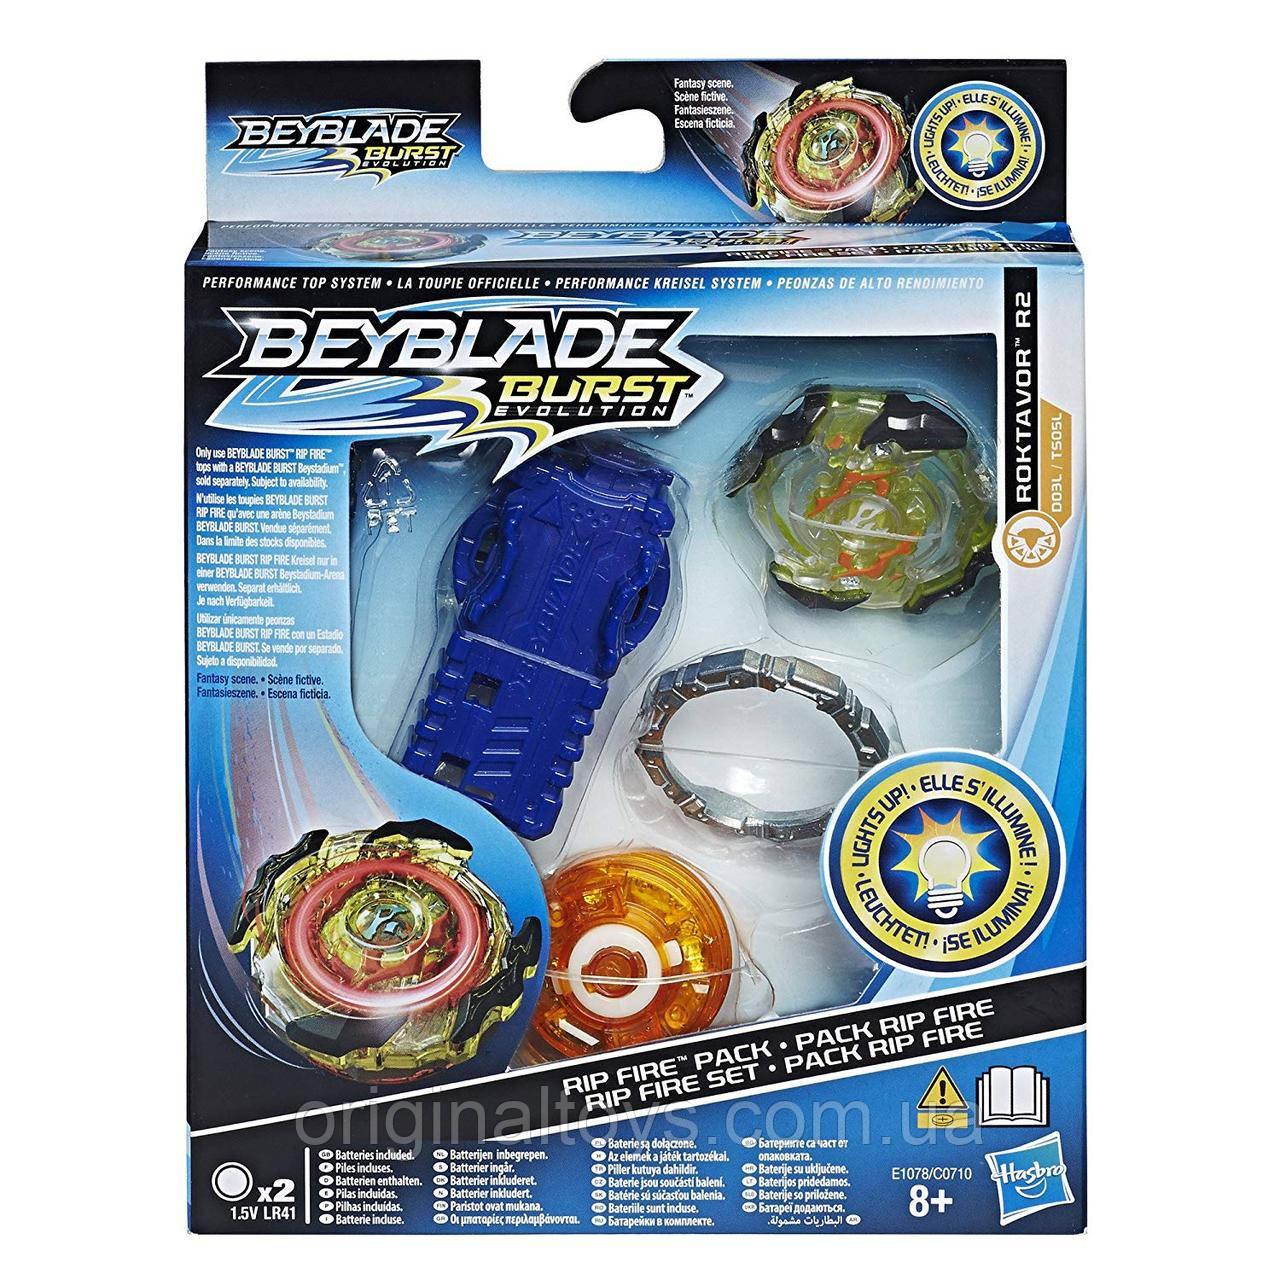 Beyblade Burst Світиться Бейблейд з пусковим пристроєм Rip Fire Roktavor R2 Hasbro